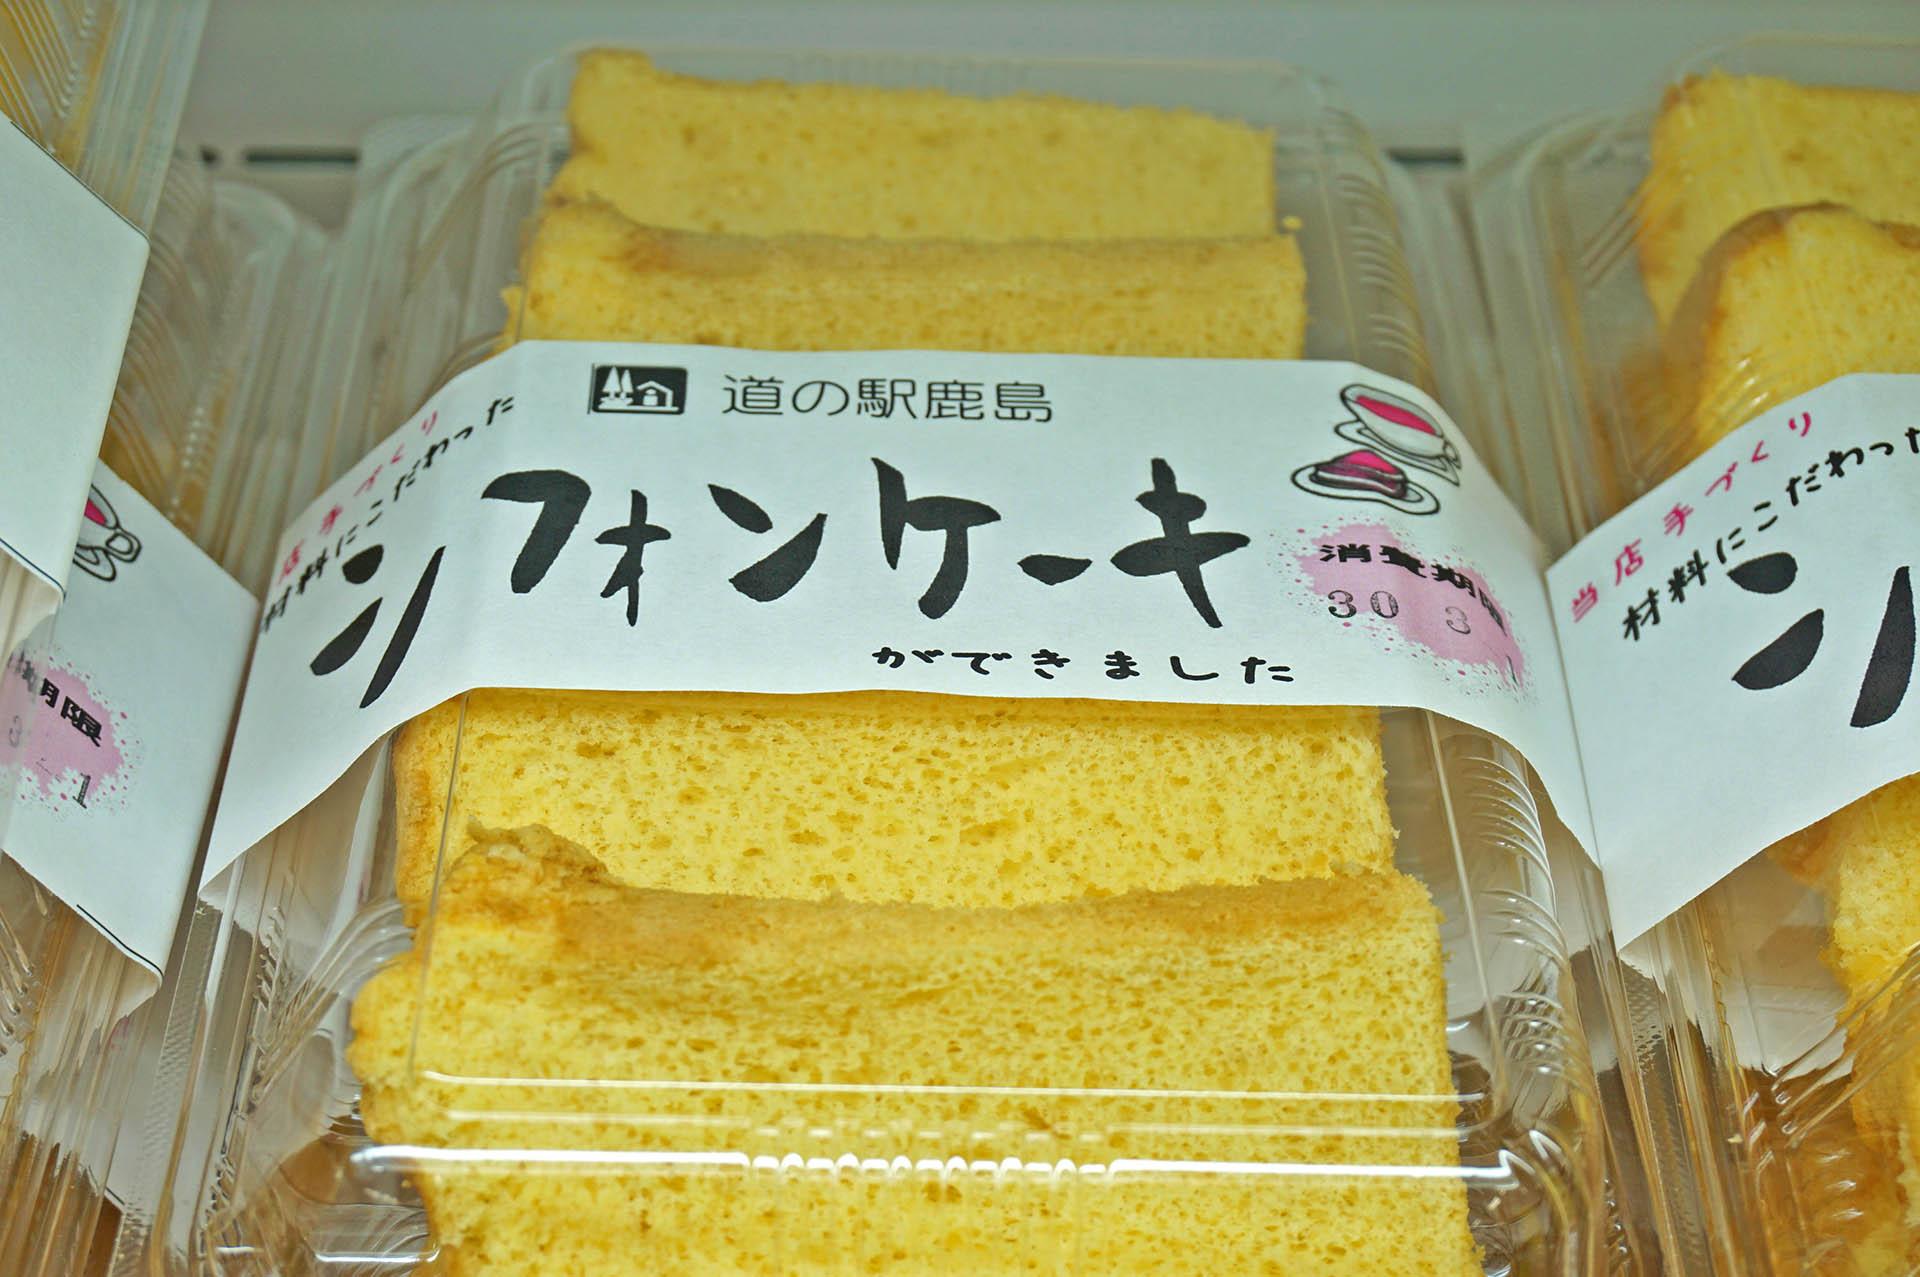 千菜市のシフォンケーキ